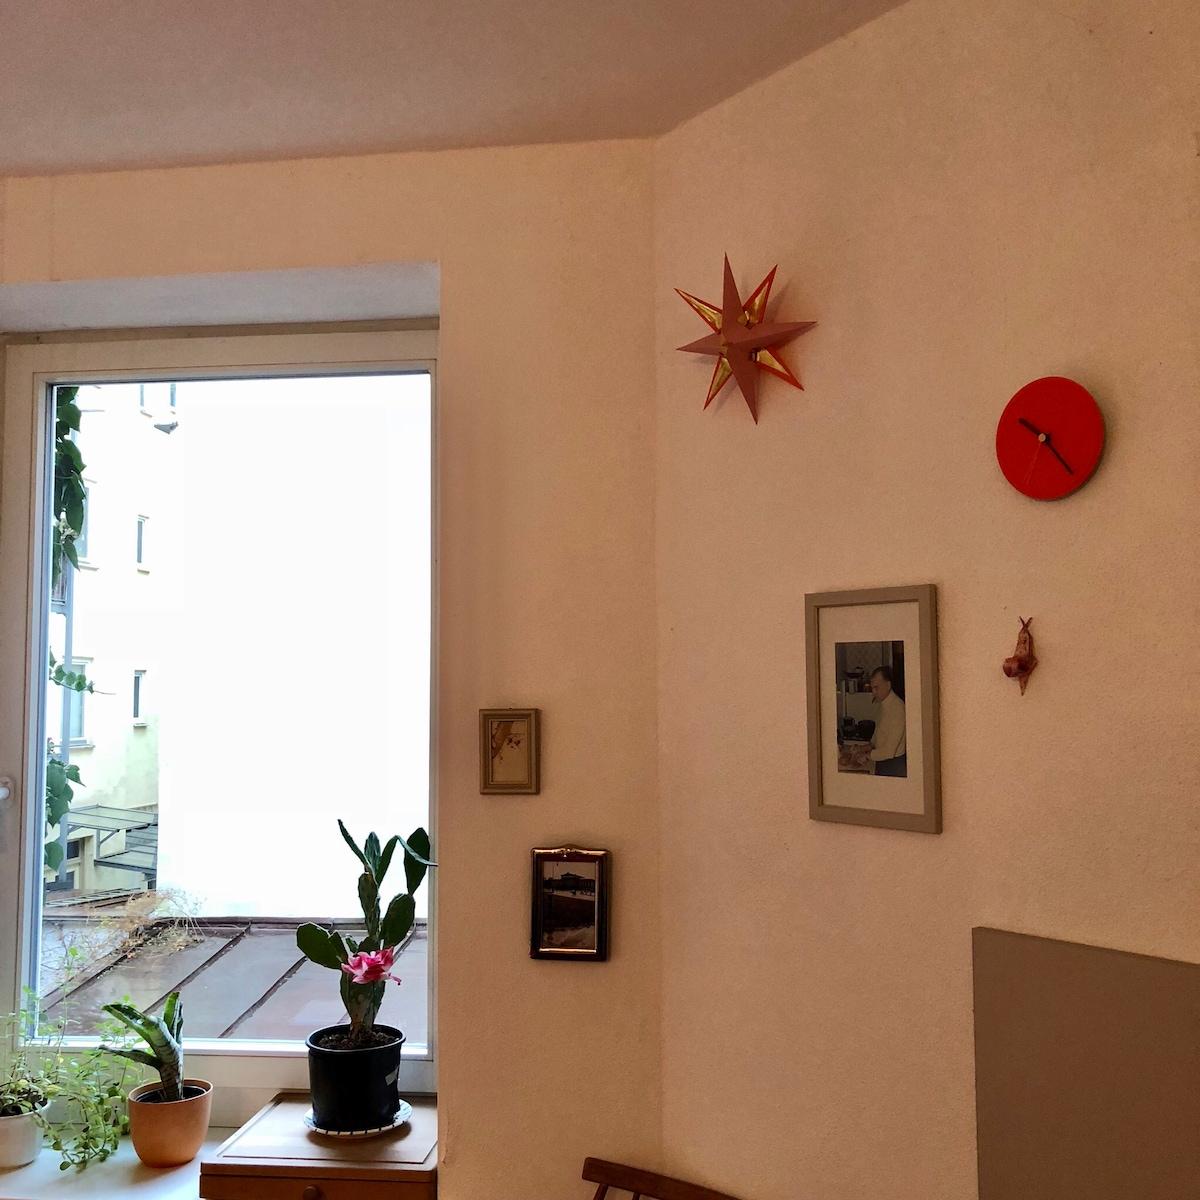 Schmucke Kleine Wohnung Gleich An Der Isar   Apartments For Rent In Munich,  Bayern, Germany